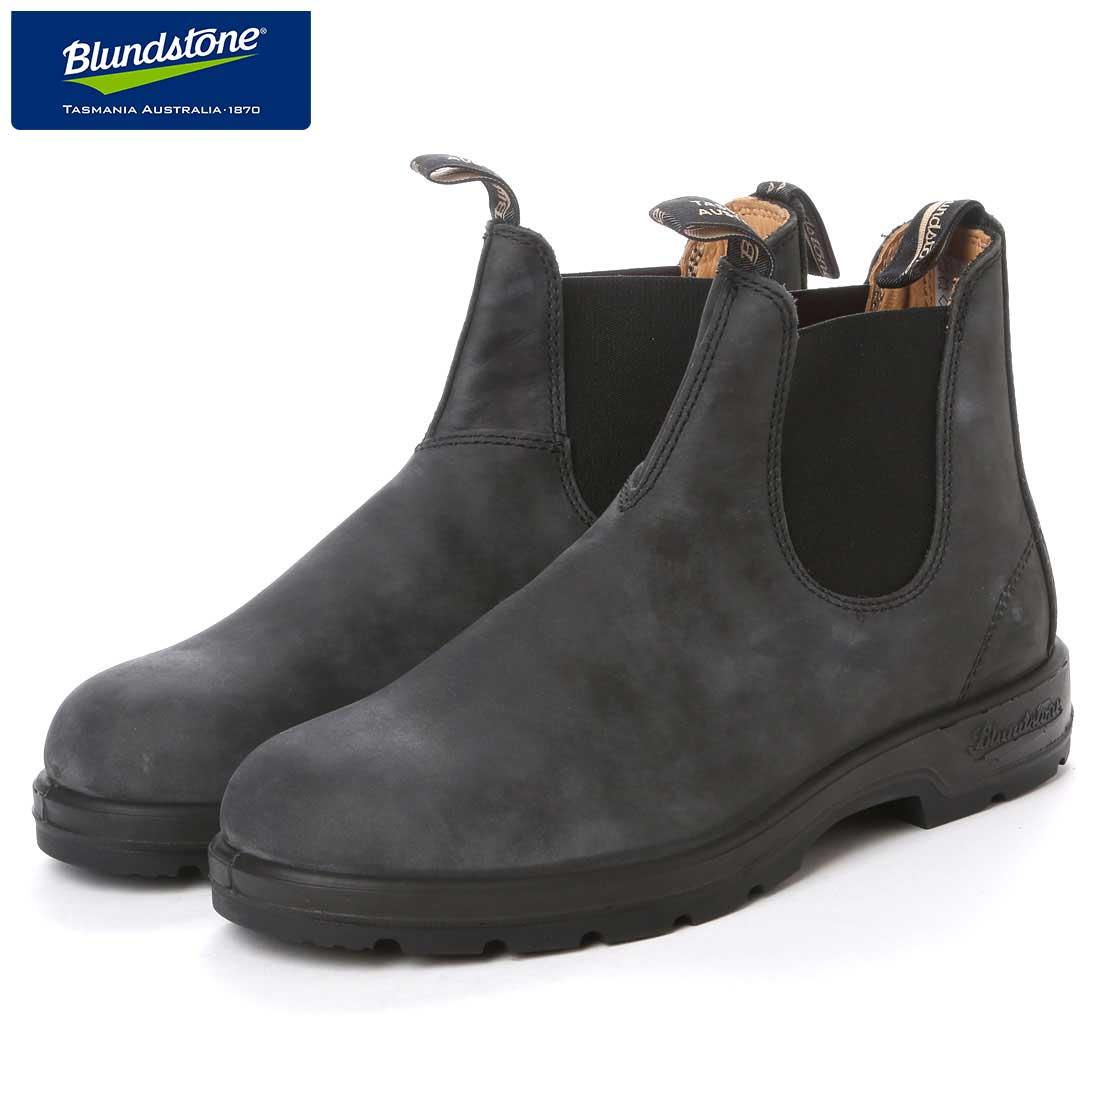 ブランドストーン Blundstone BS587 056 (ユニセックス) ラスティックブラック(オイルレザー) 「靴」